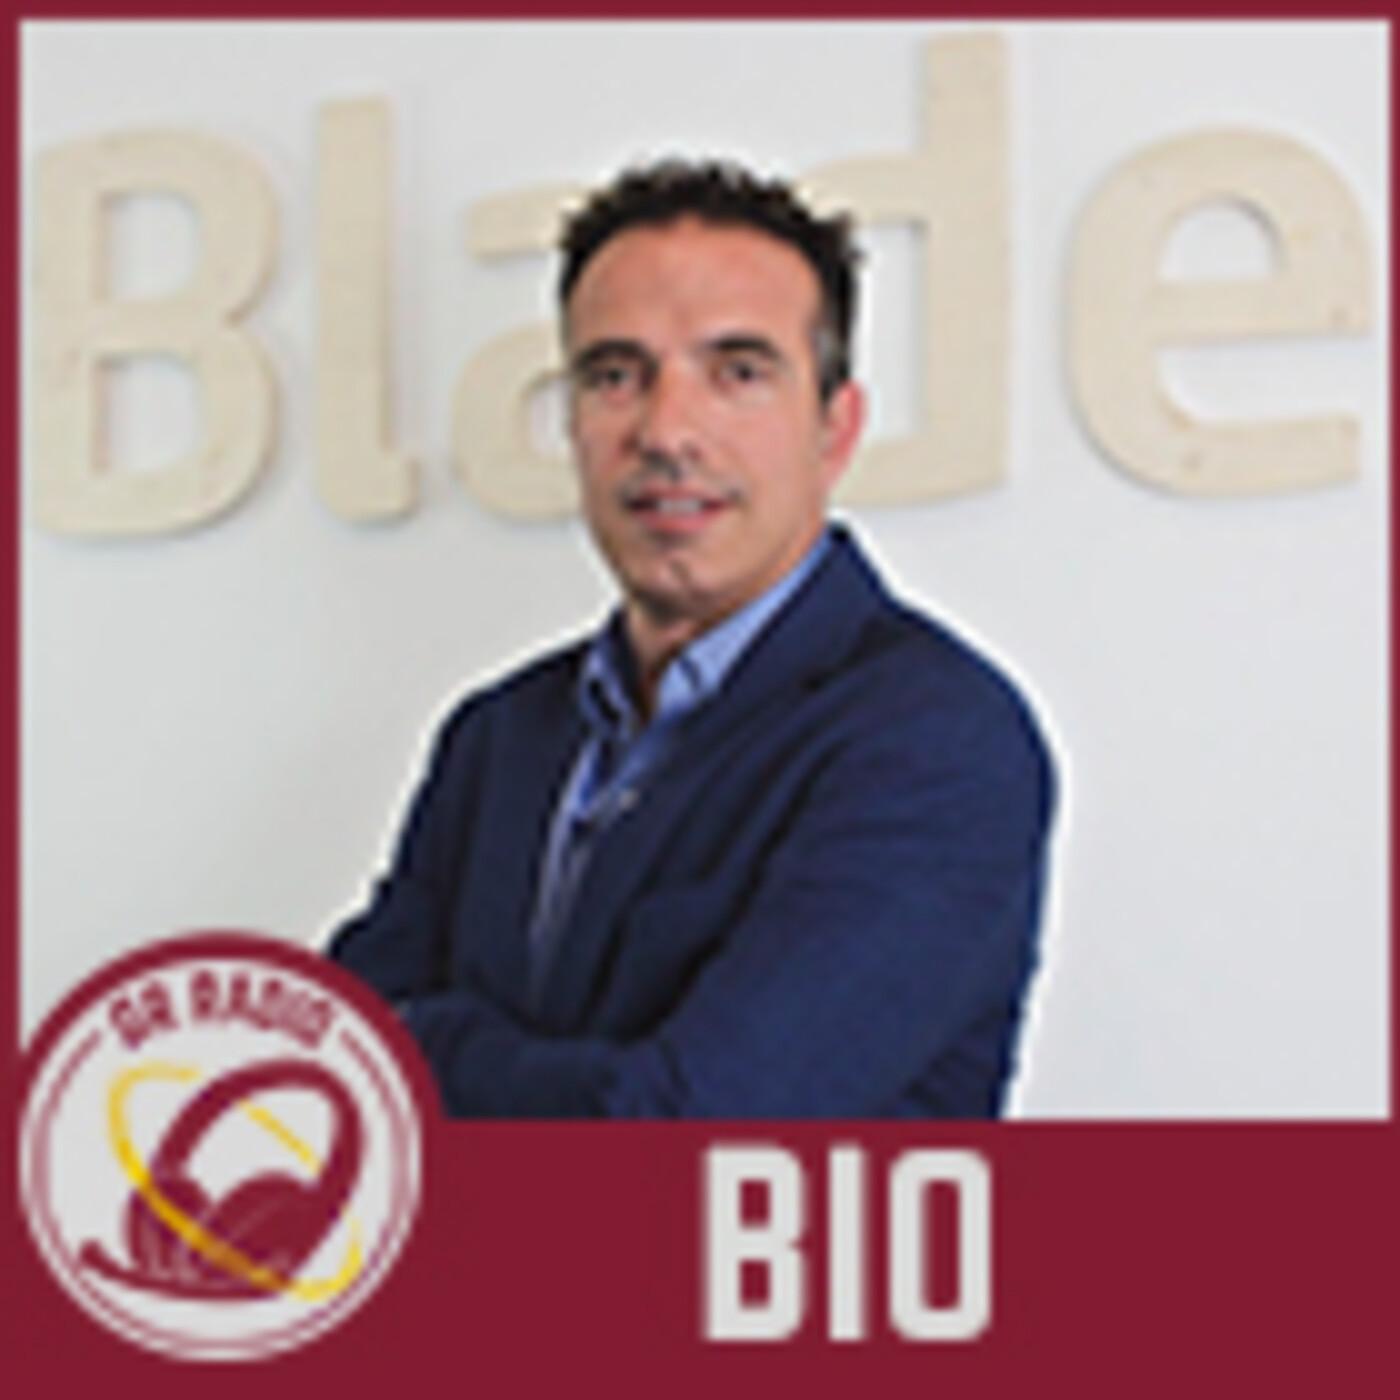 GR BIO - Entrevista a Rubén Mercado (Blade y Vandal Radio)